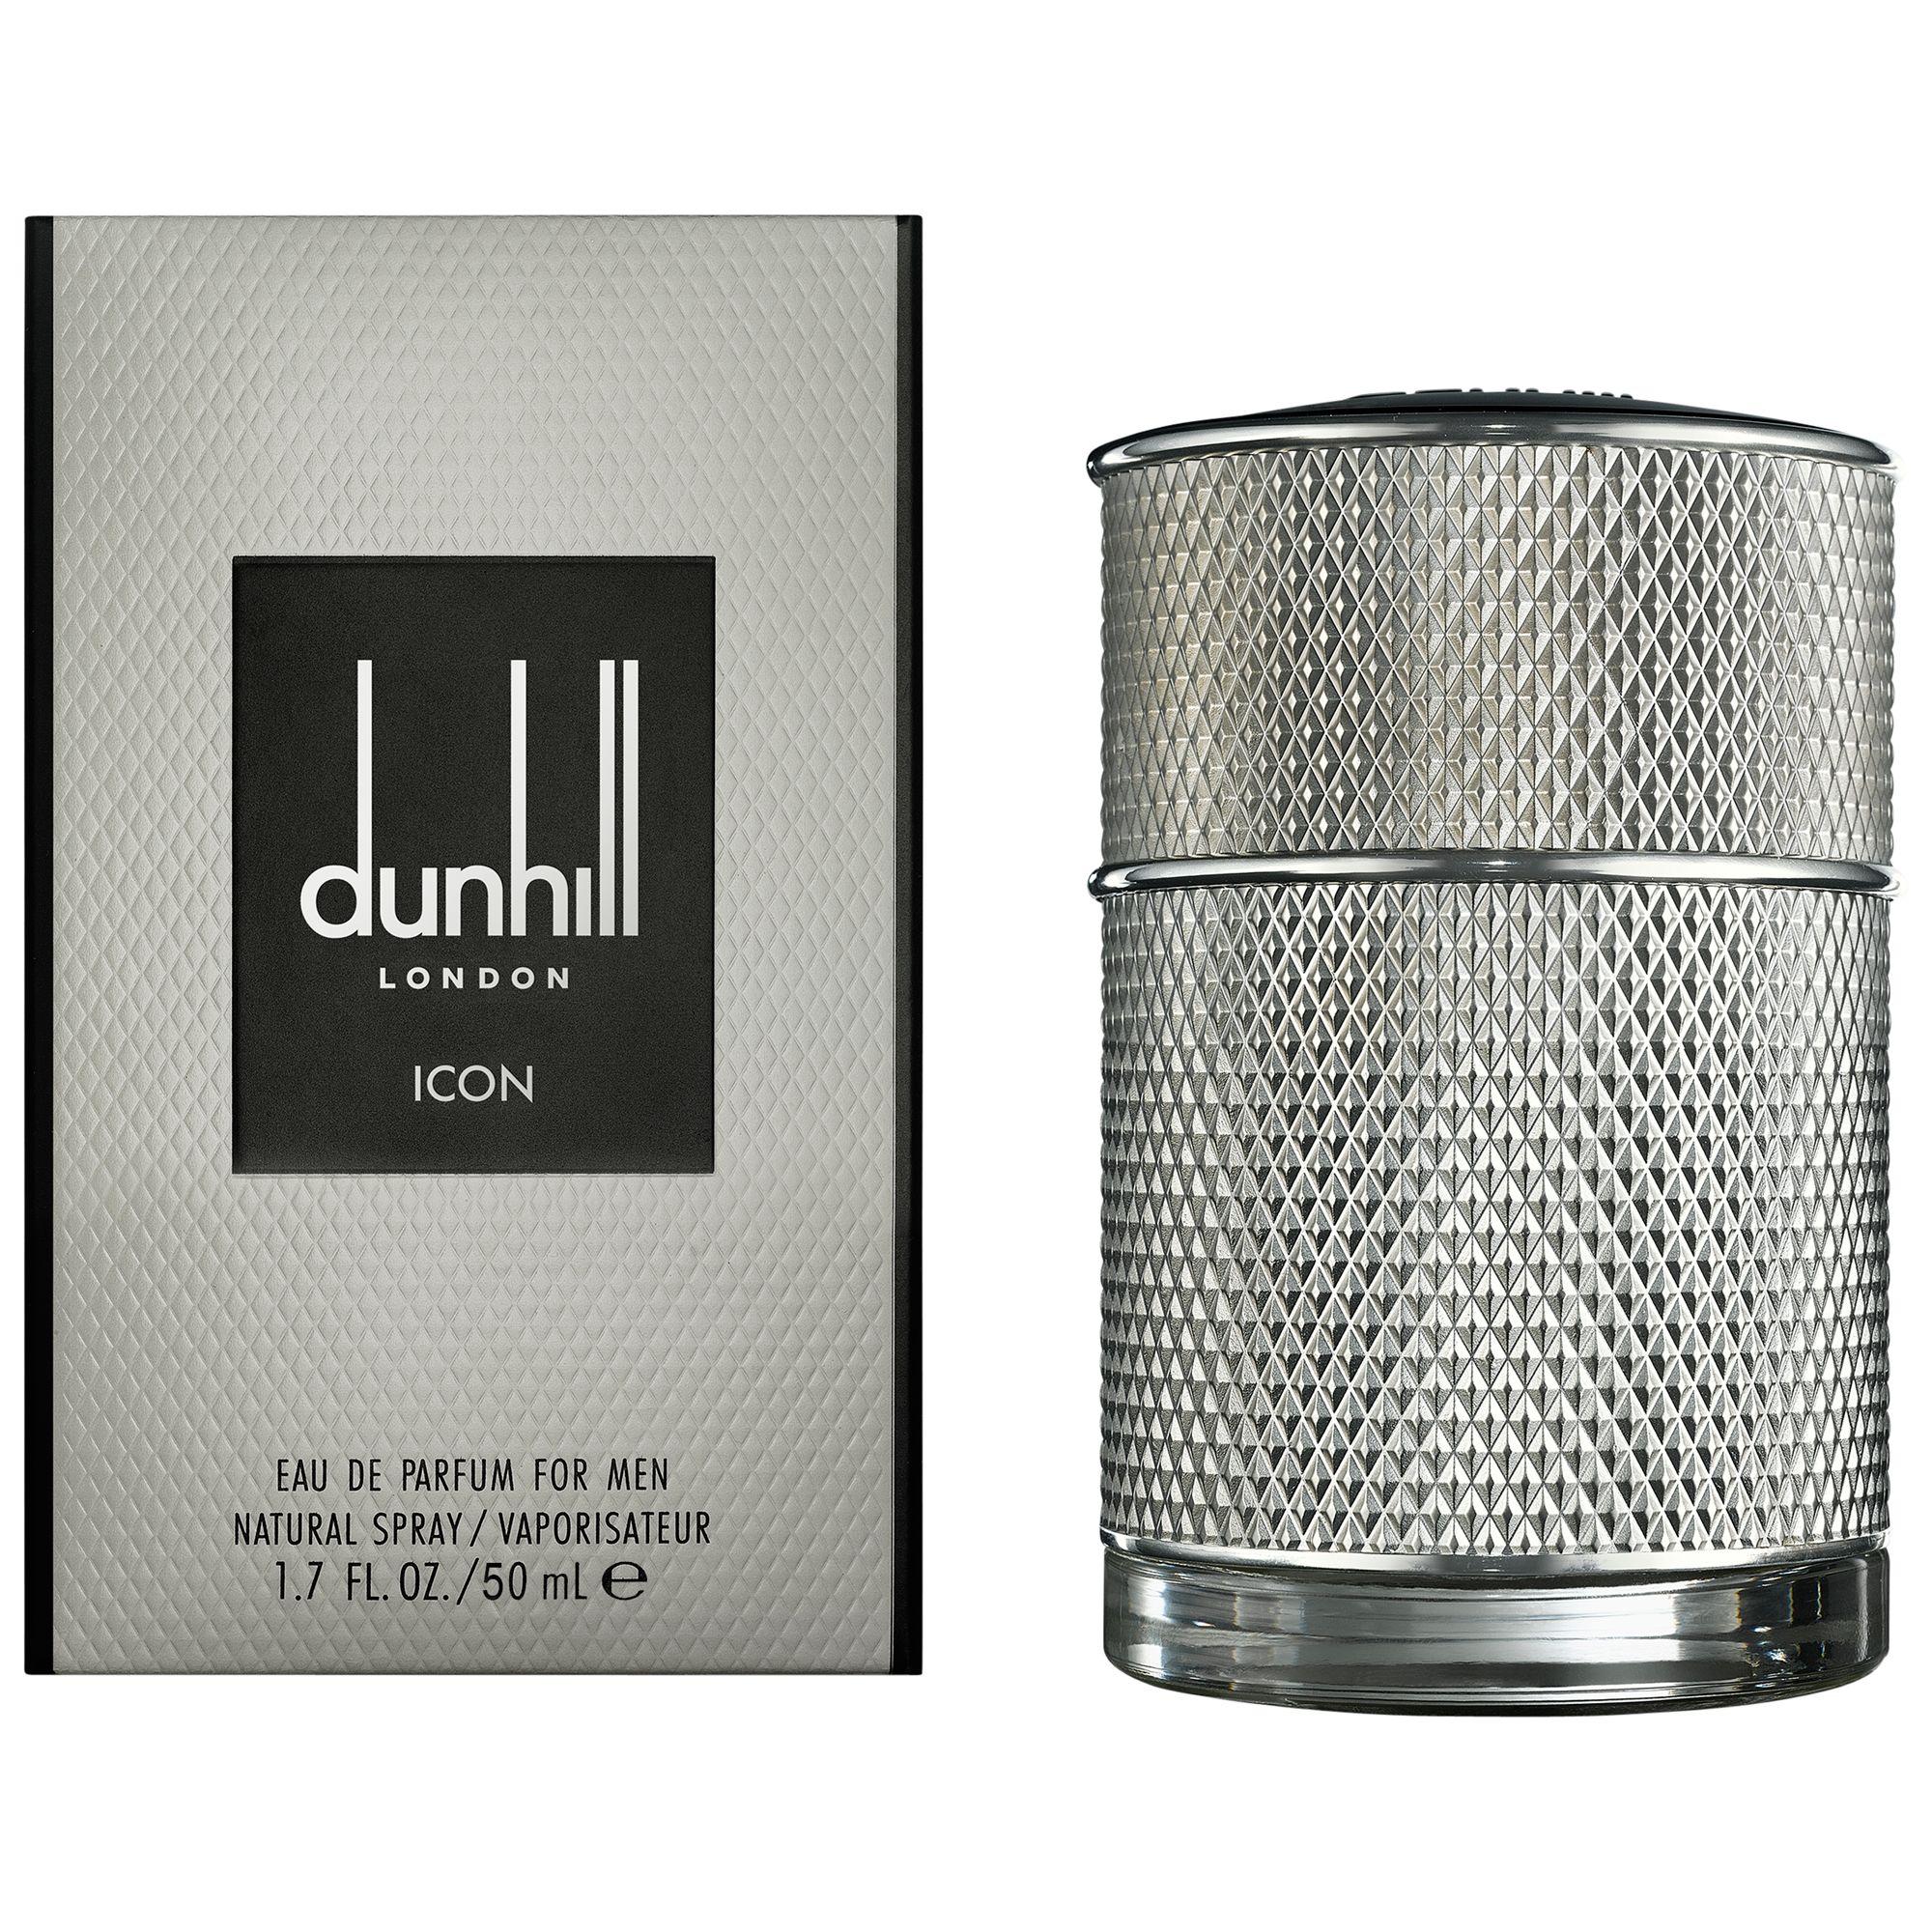 Dunhill Dunhill London ICON Eau de Parfum